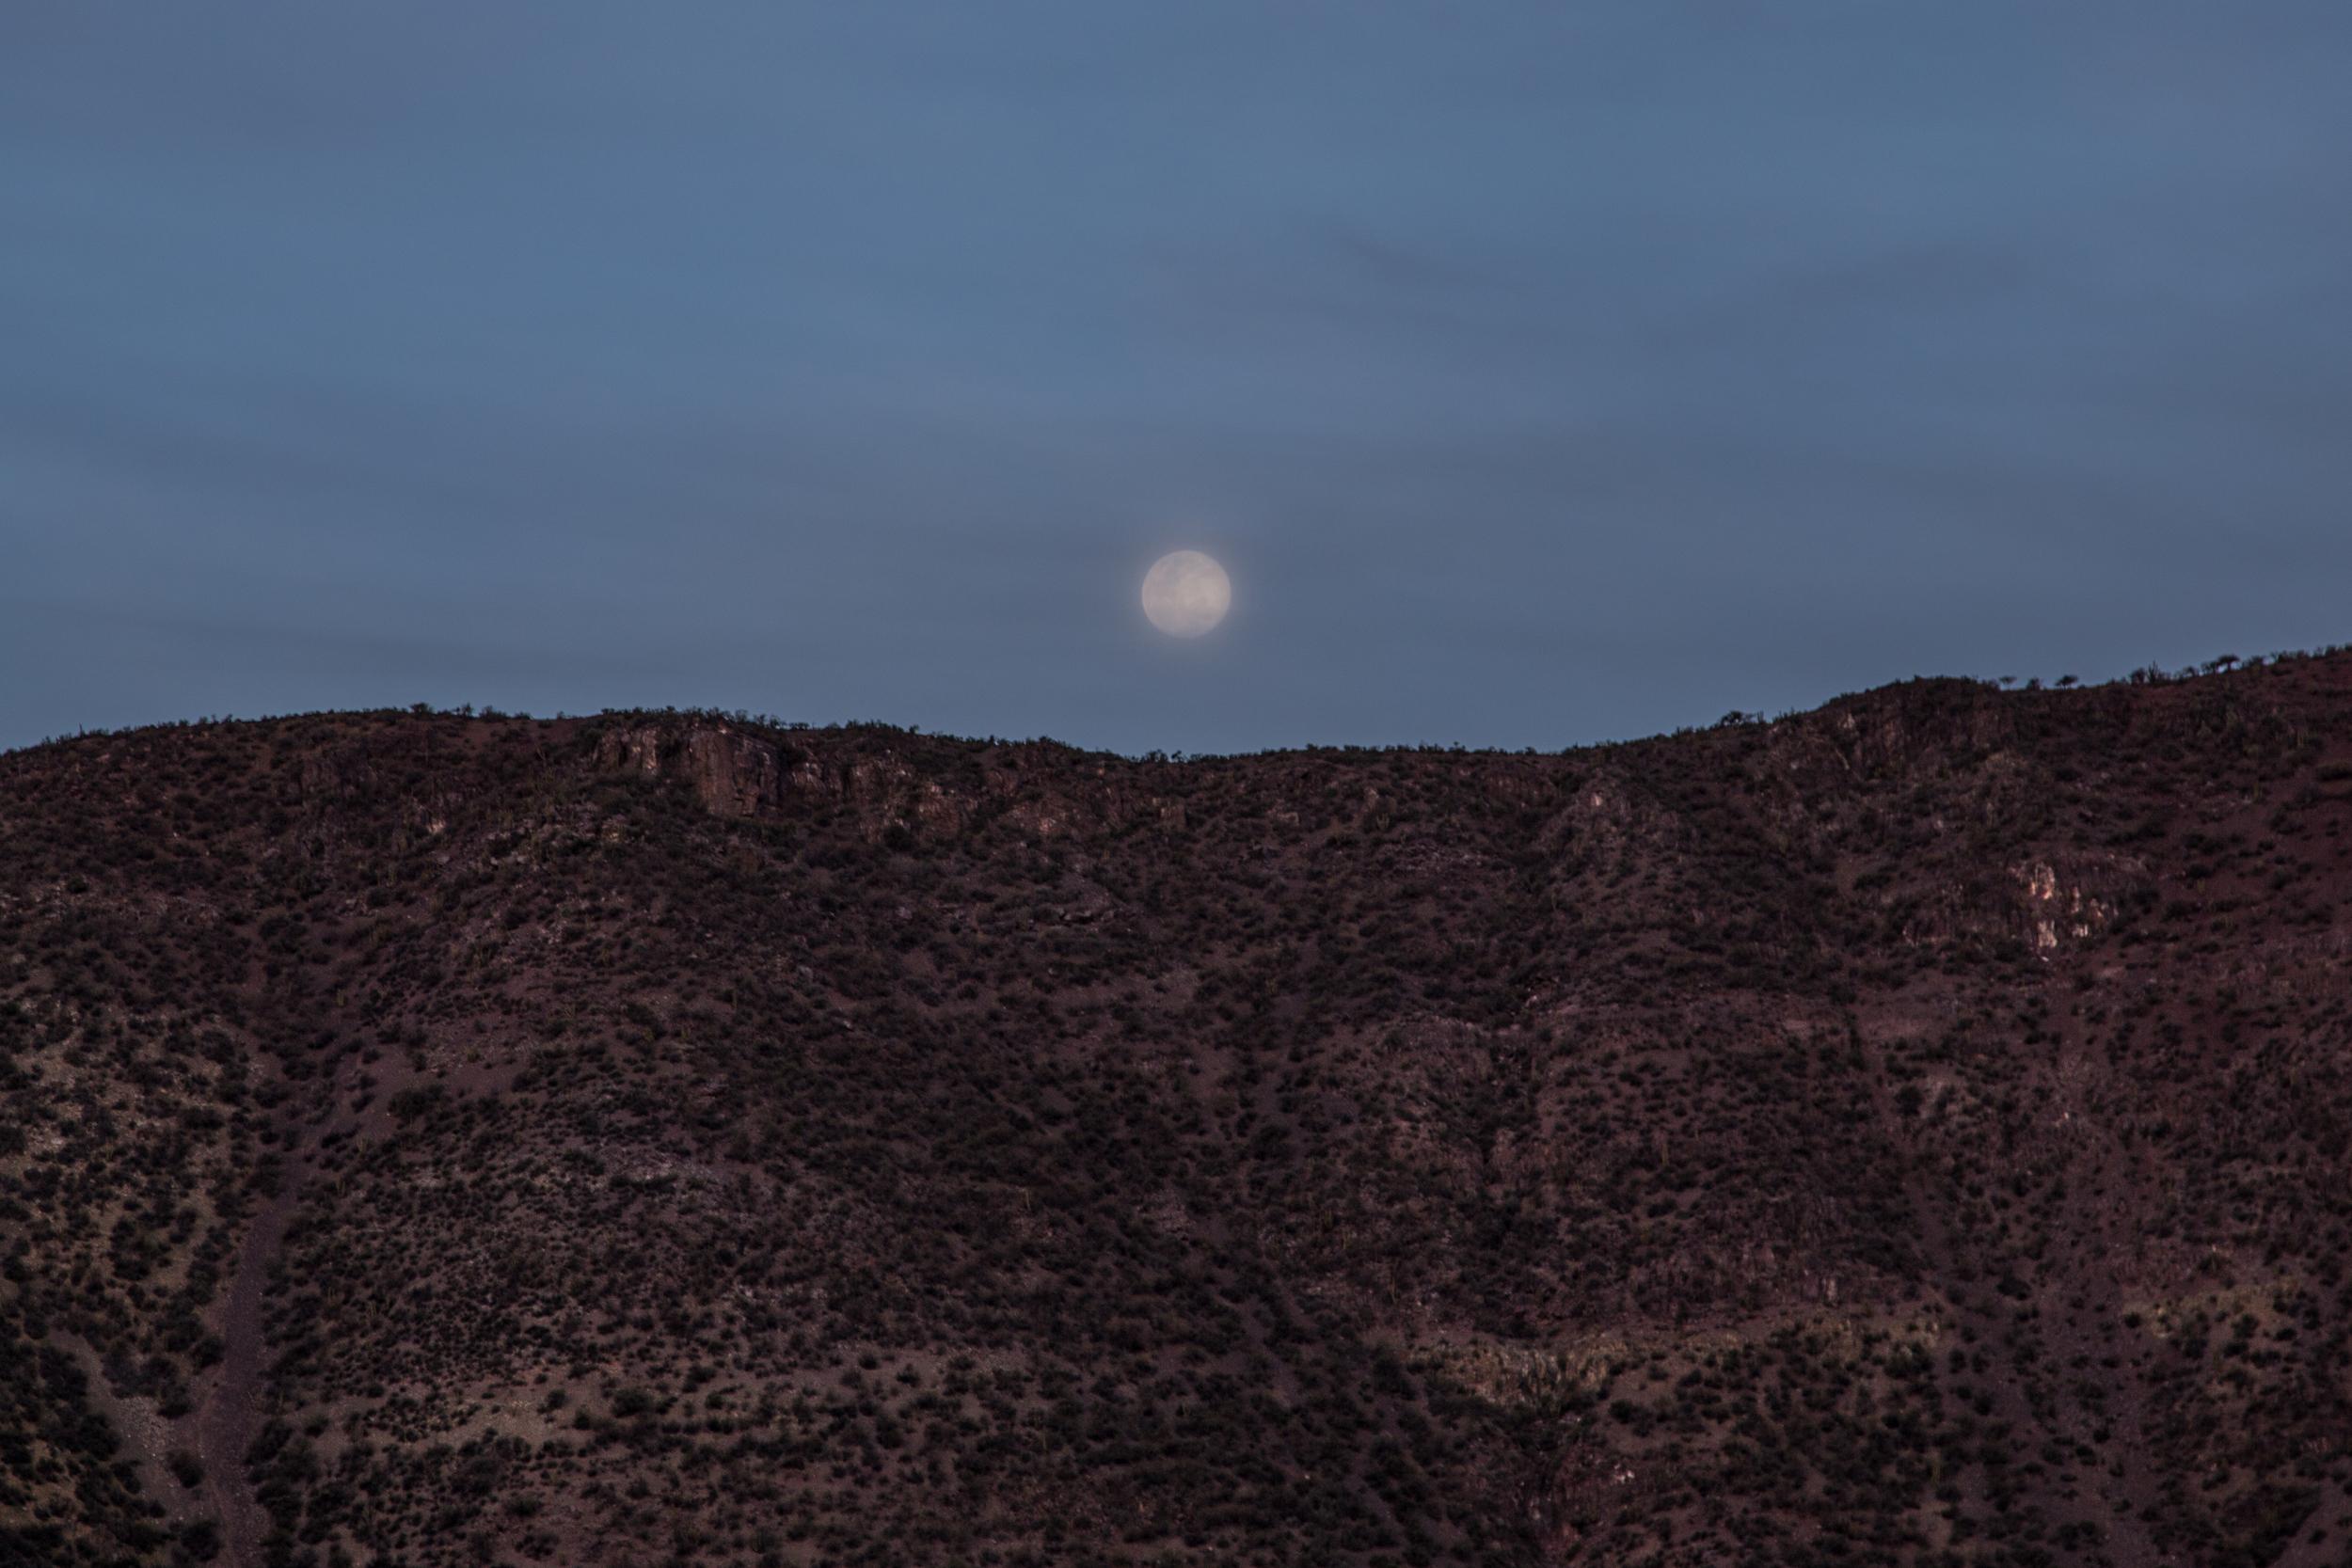 Full moon near Petorca.